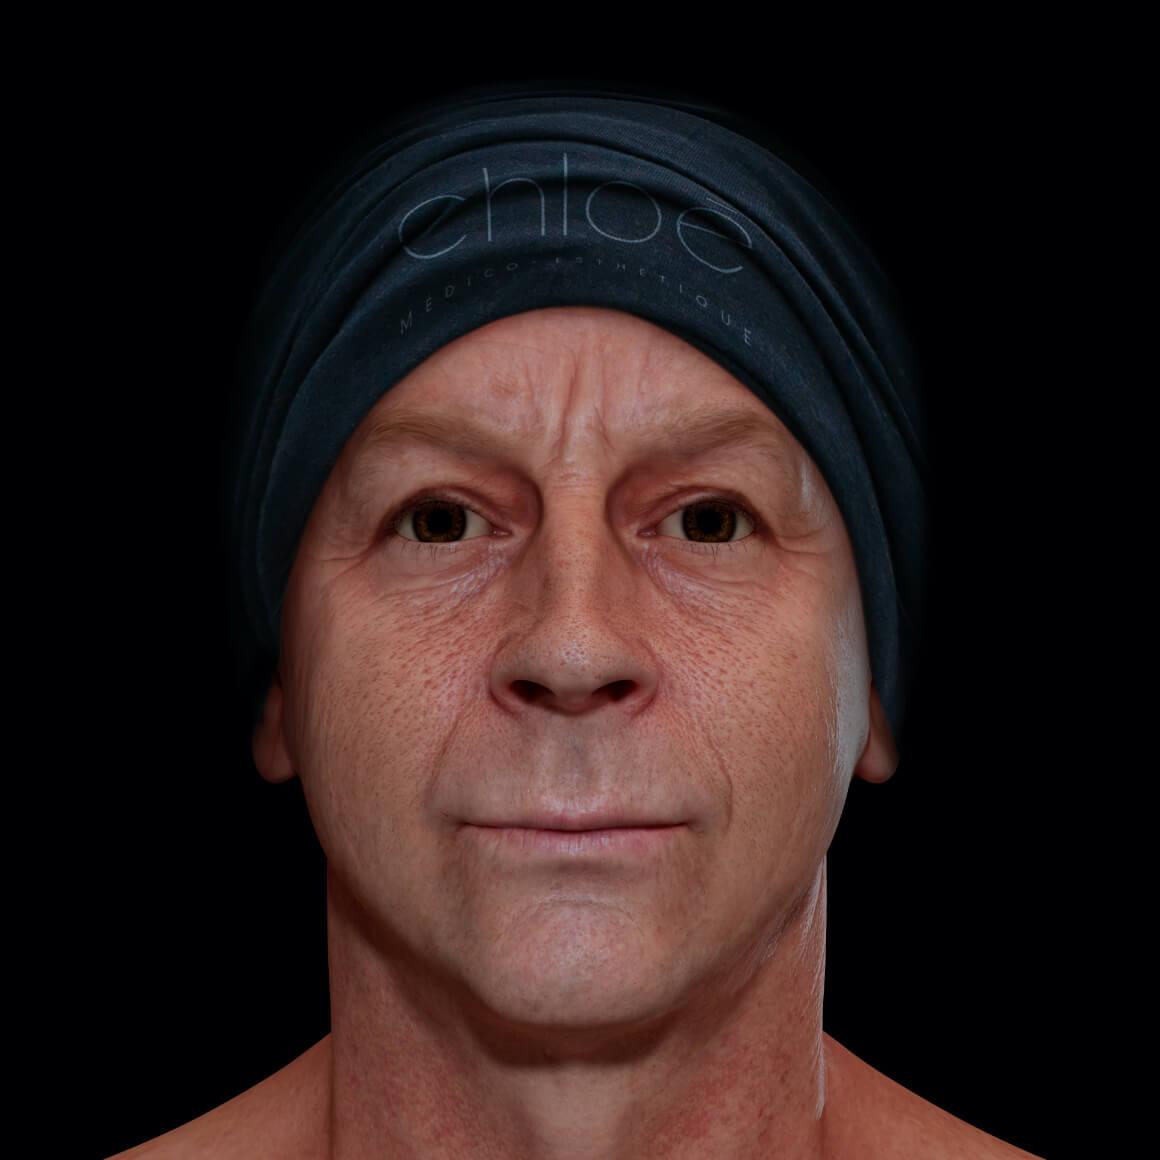 Patient à la Clinique Chloé positionné de face ayant une peau du visage montrant des pores dilatés